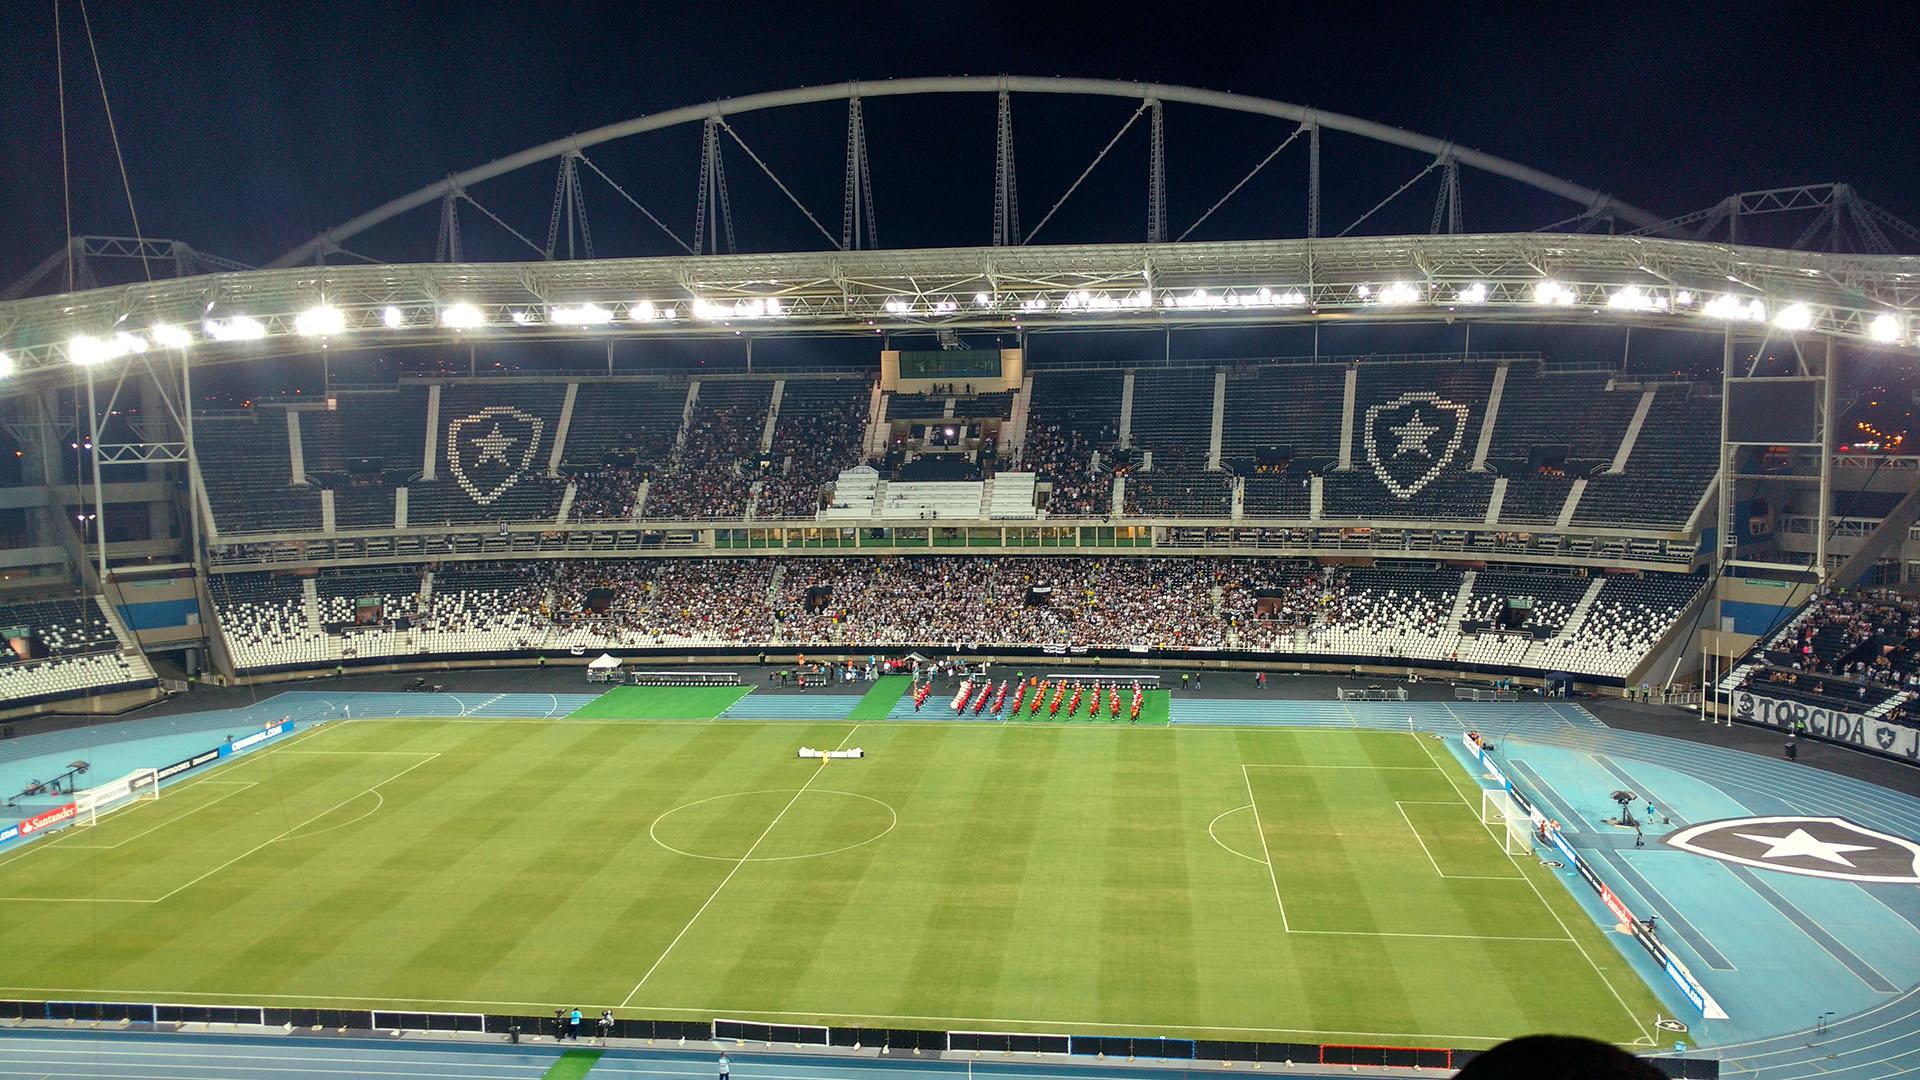 (Estádio Nilton Santos - Fonte: Wikimedia)